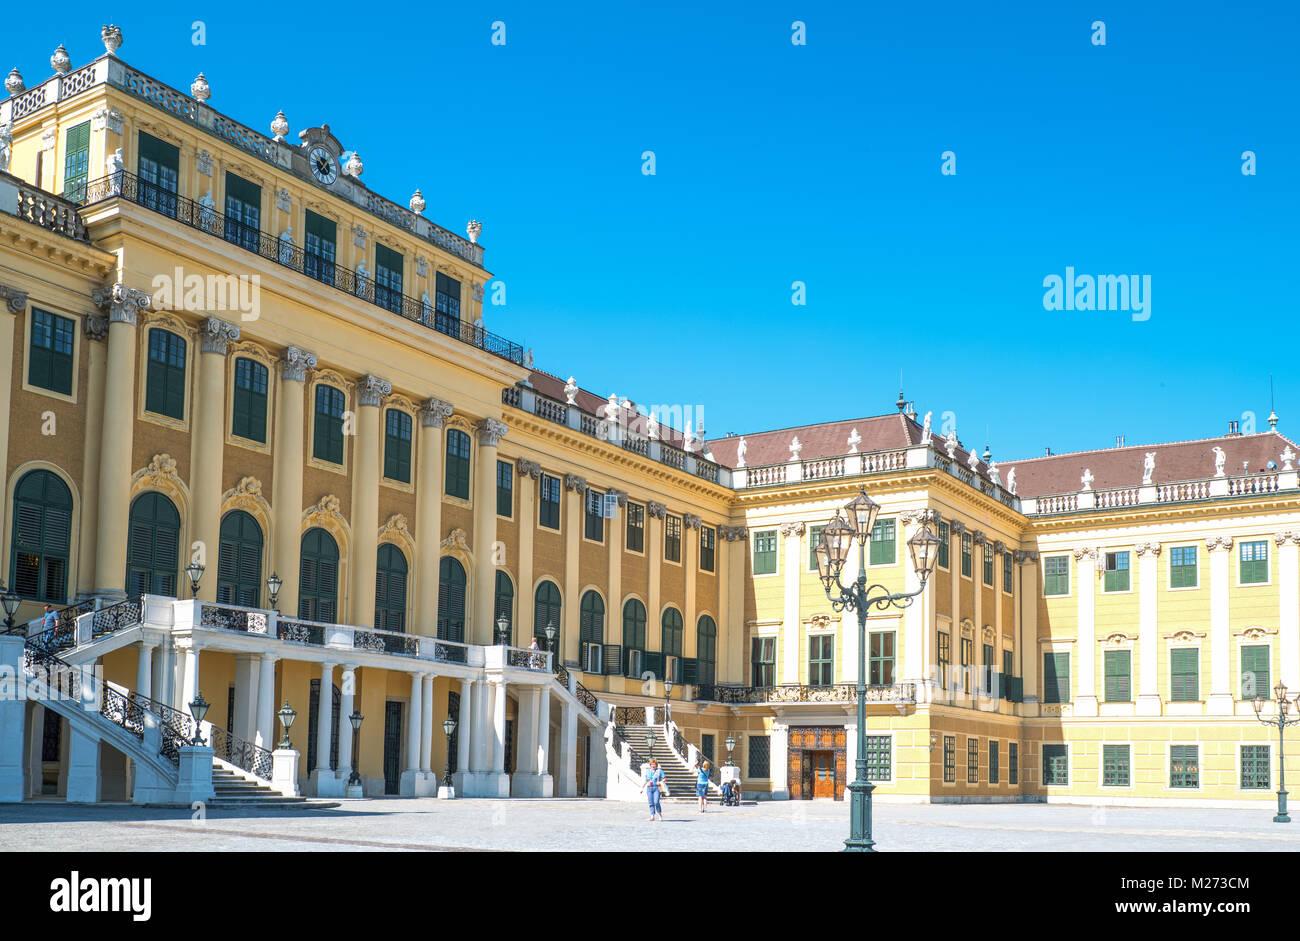 Austria, Vienna, la facciata principale del Palazzo di Schonbrunn Immagini Stock